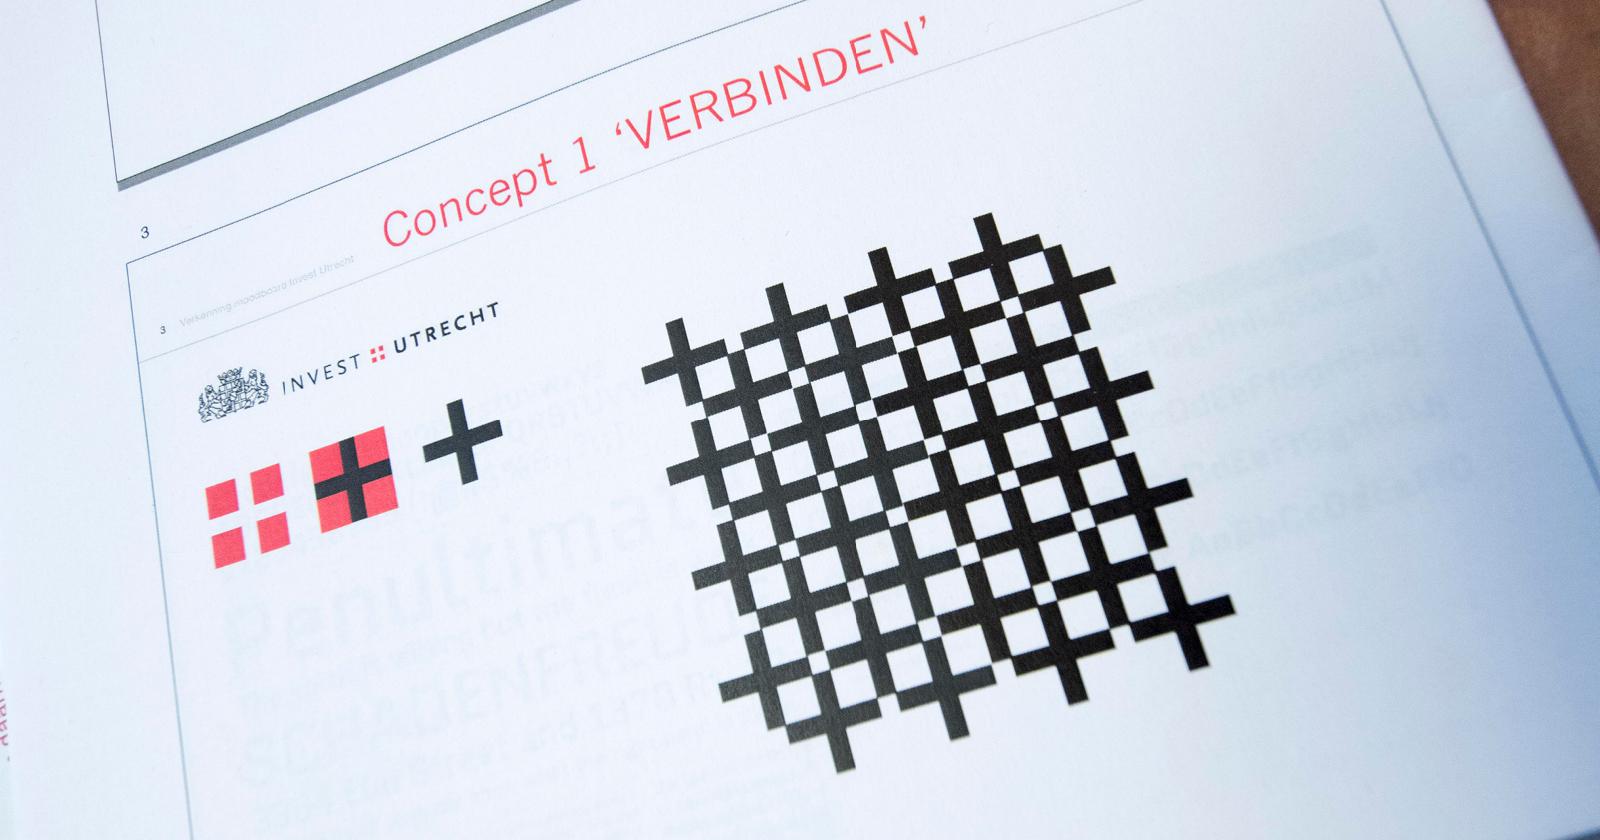 werk-grafisch ontwerp39 Invest Utrecht